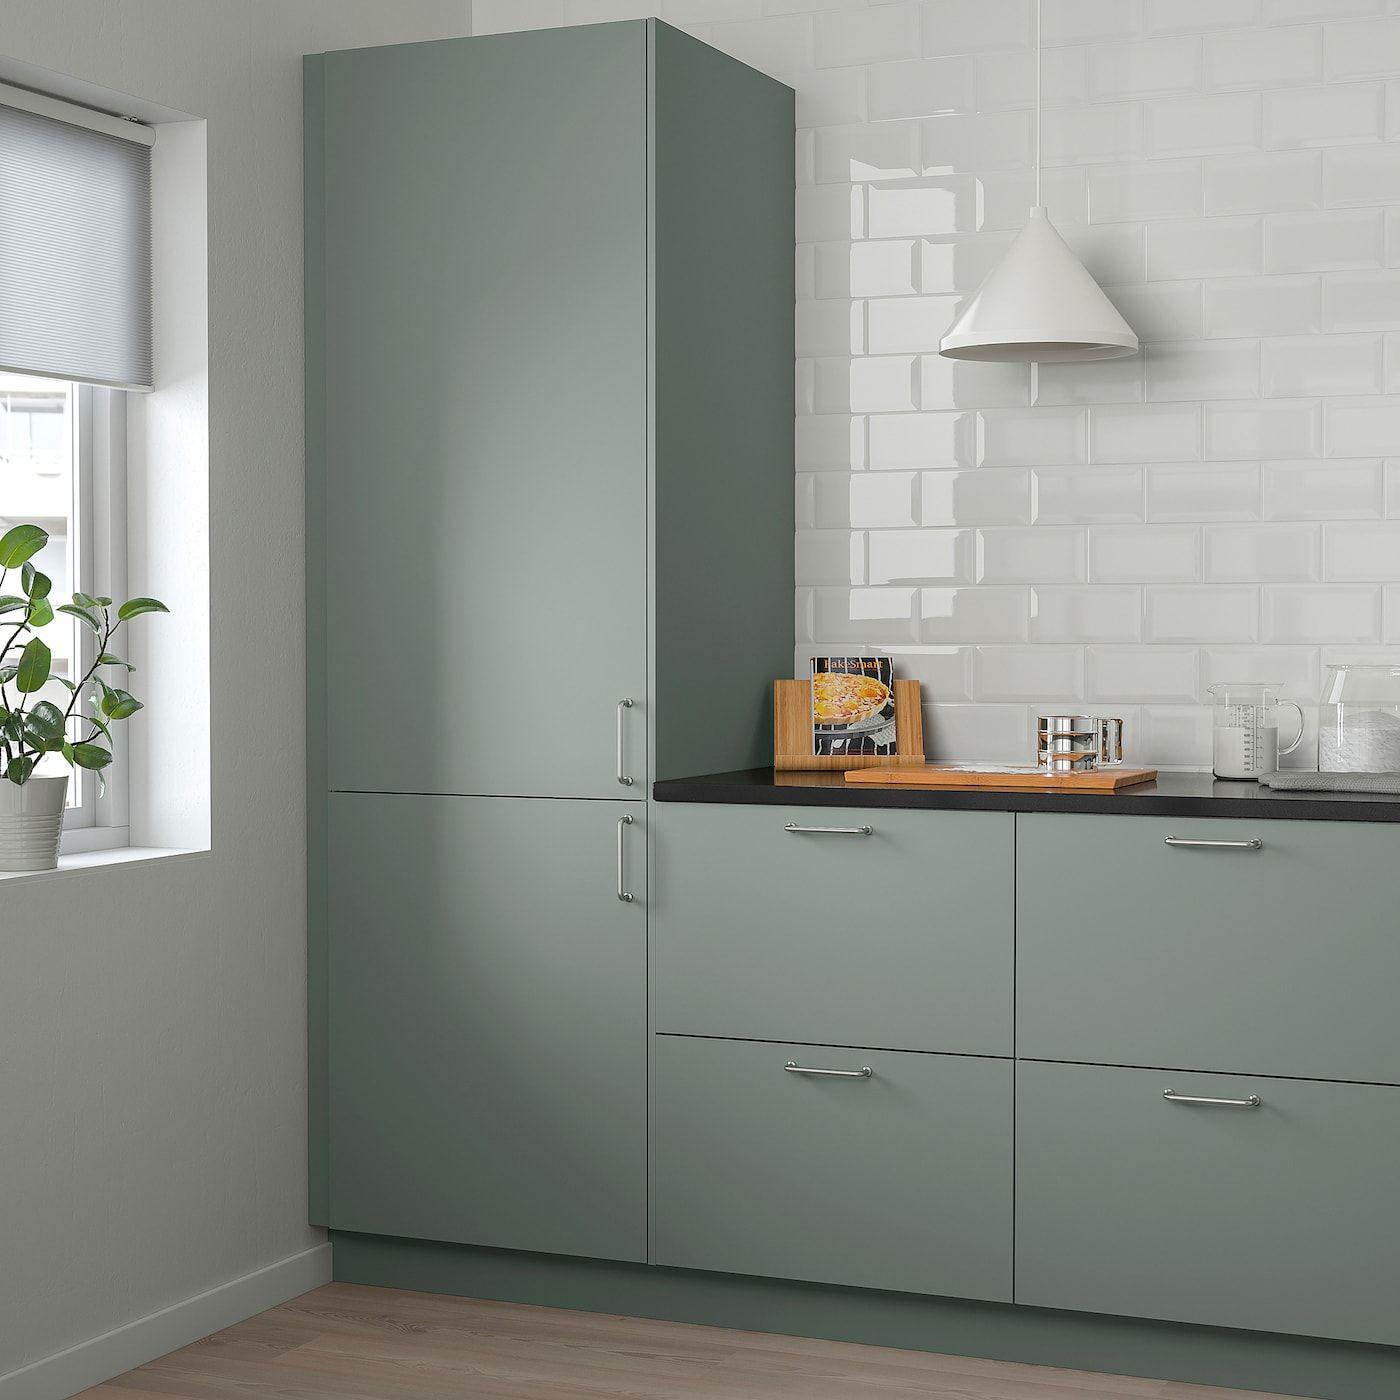 Bodarp Door Gray Green 15x15 Ikea In 2020 Green Kitchen Cabinets Ikea Kitchen Green Cabinets